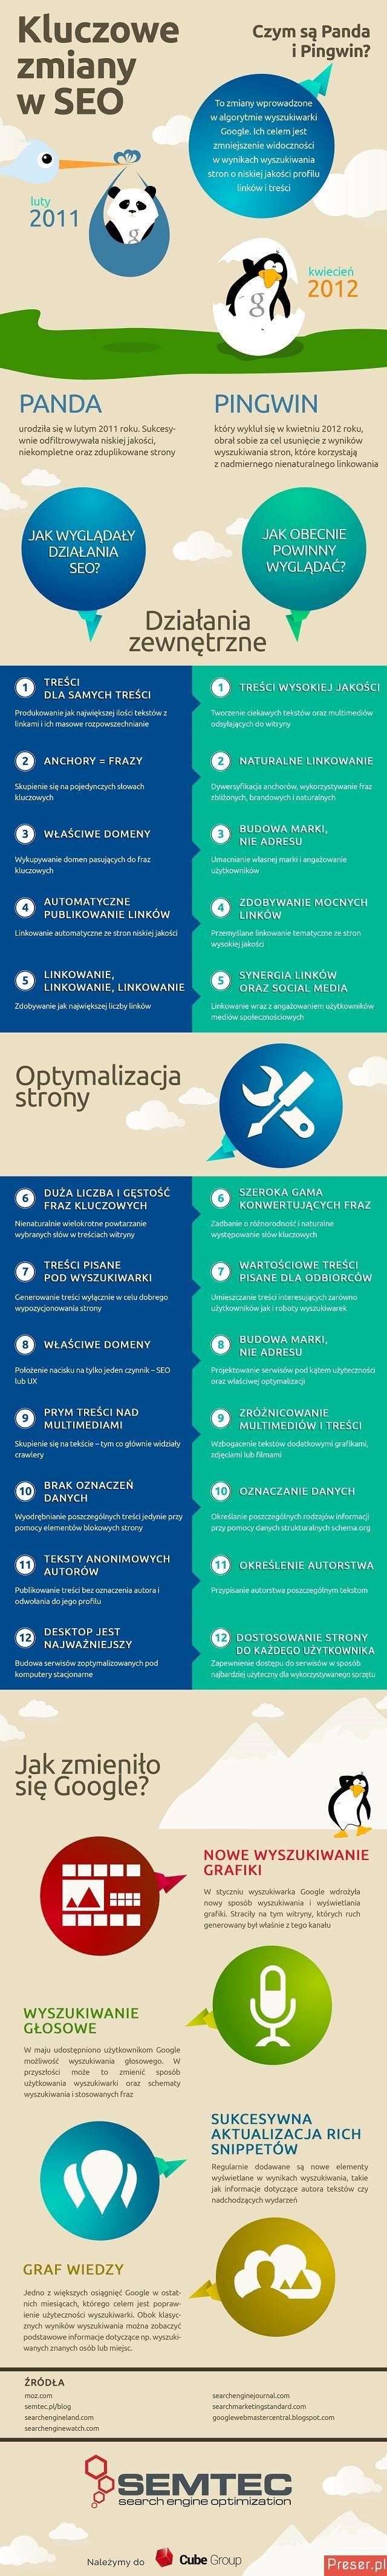 Kluczowe zmiany w SEO? Czym są Panda i Pingwin? #infografika #SEO #algorytm #google #content